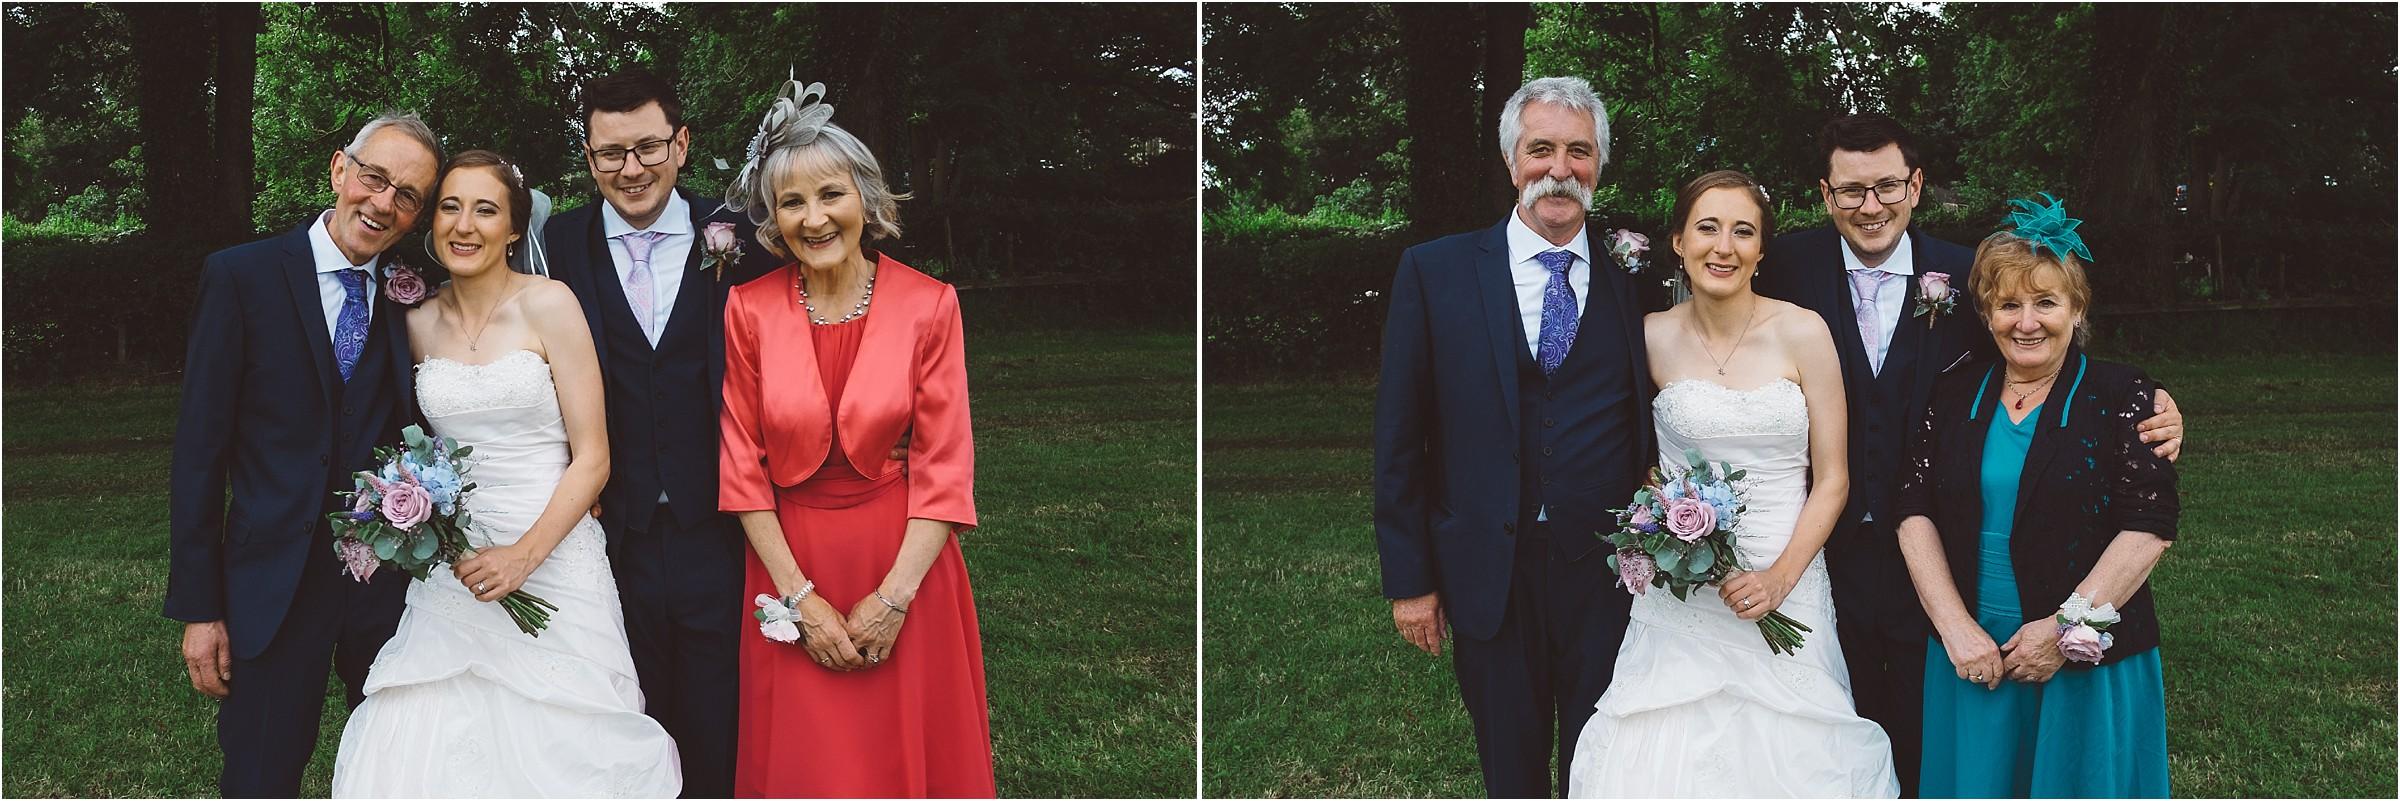 139 tipi wedding E2011061